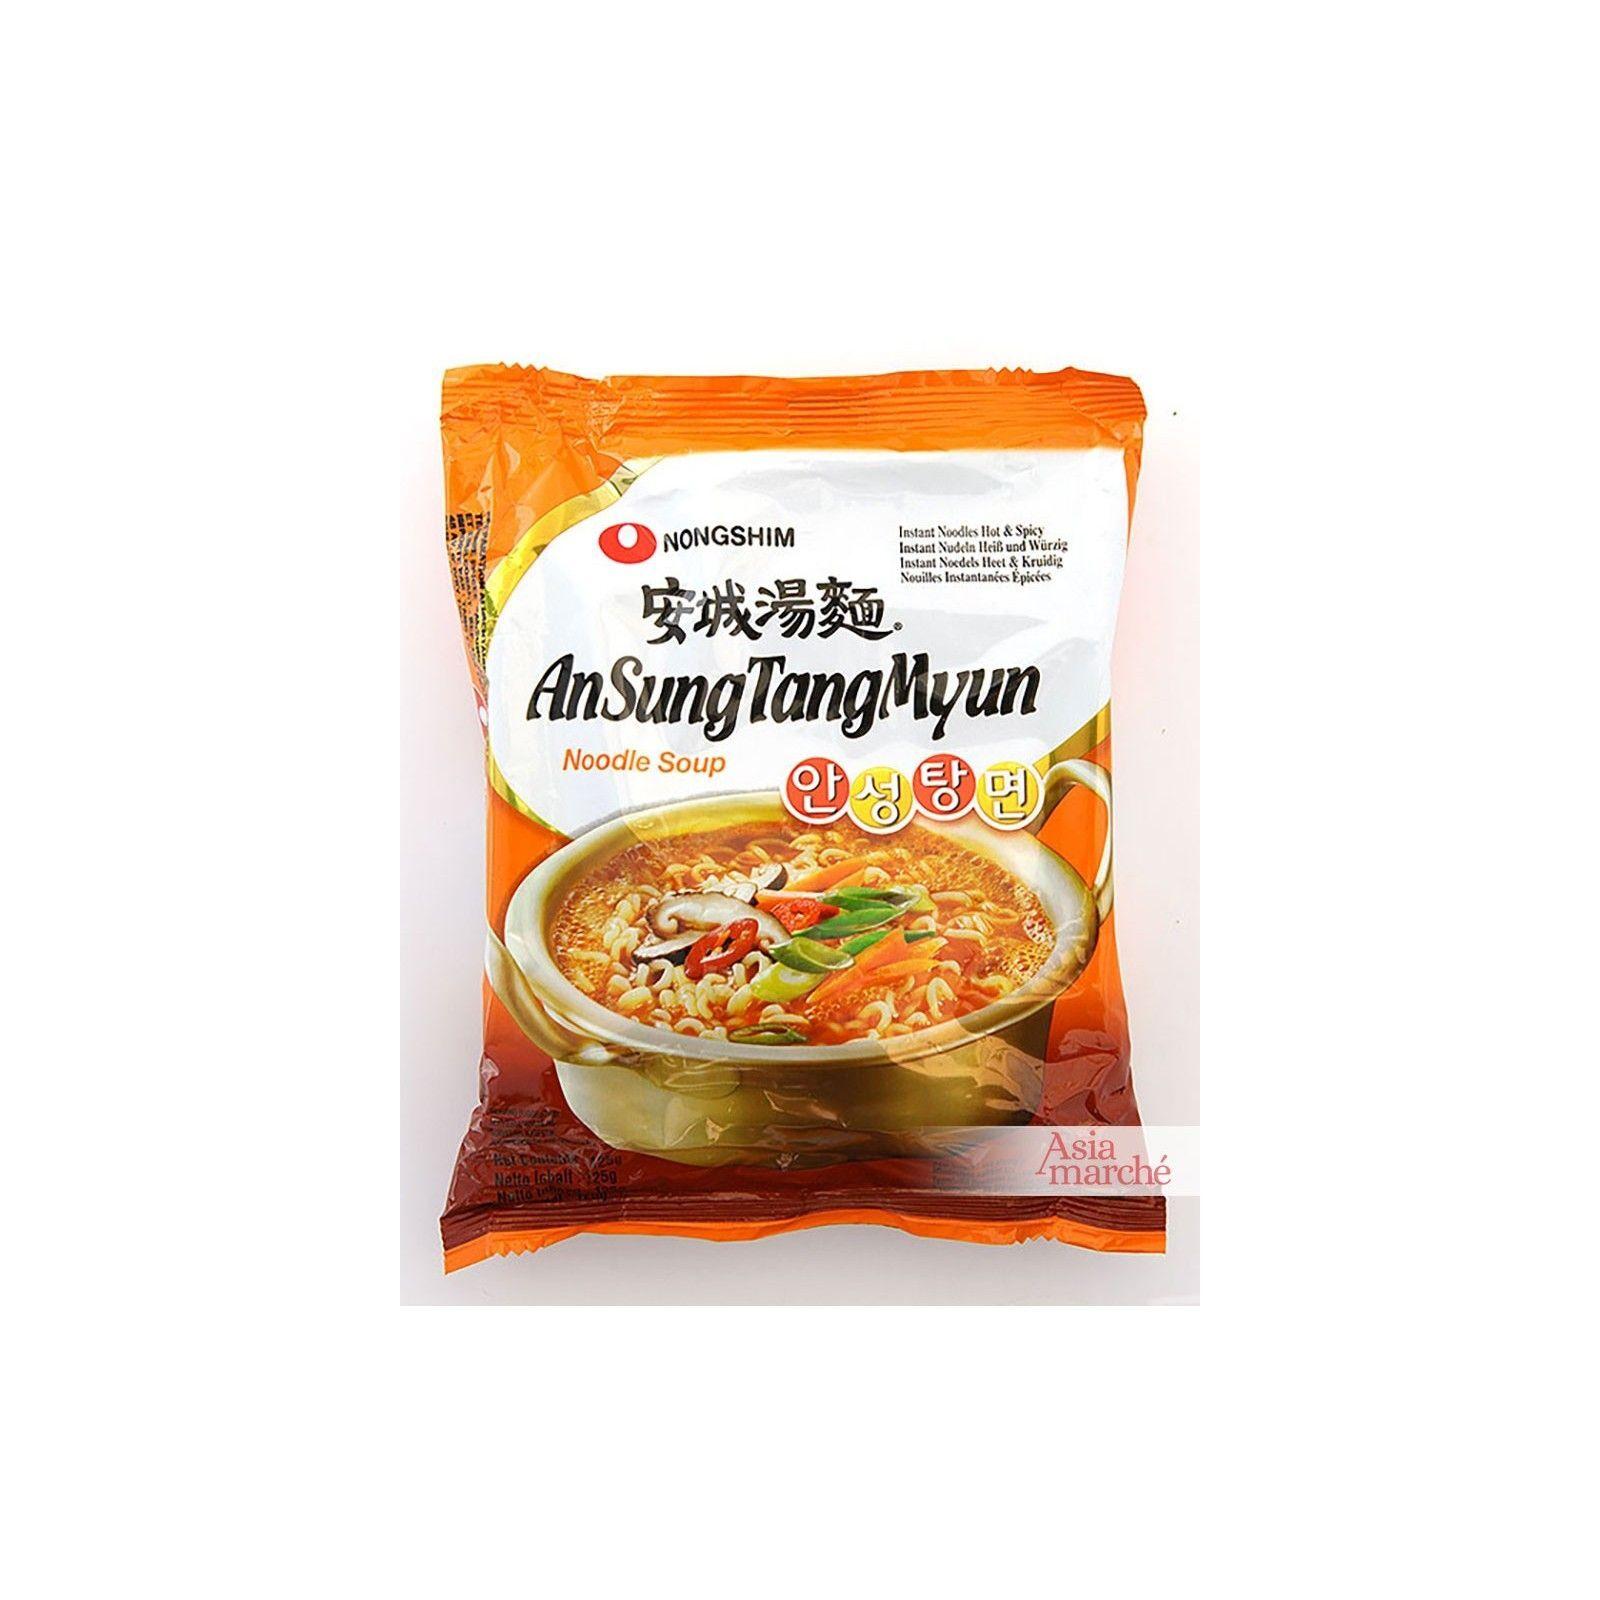 Asia Marché Soupe Coréenne de nouiles AnSungTangMyun 125g Nongshim Lot de 30